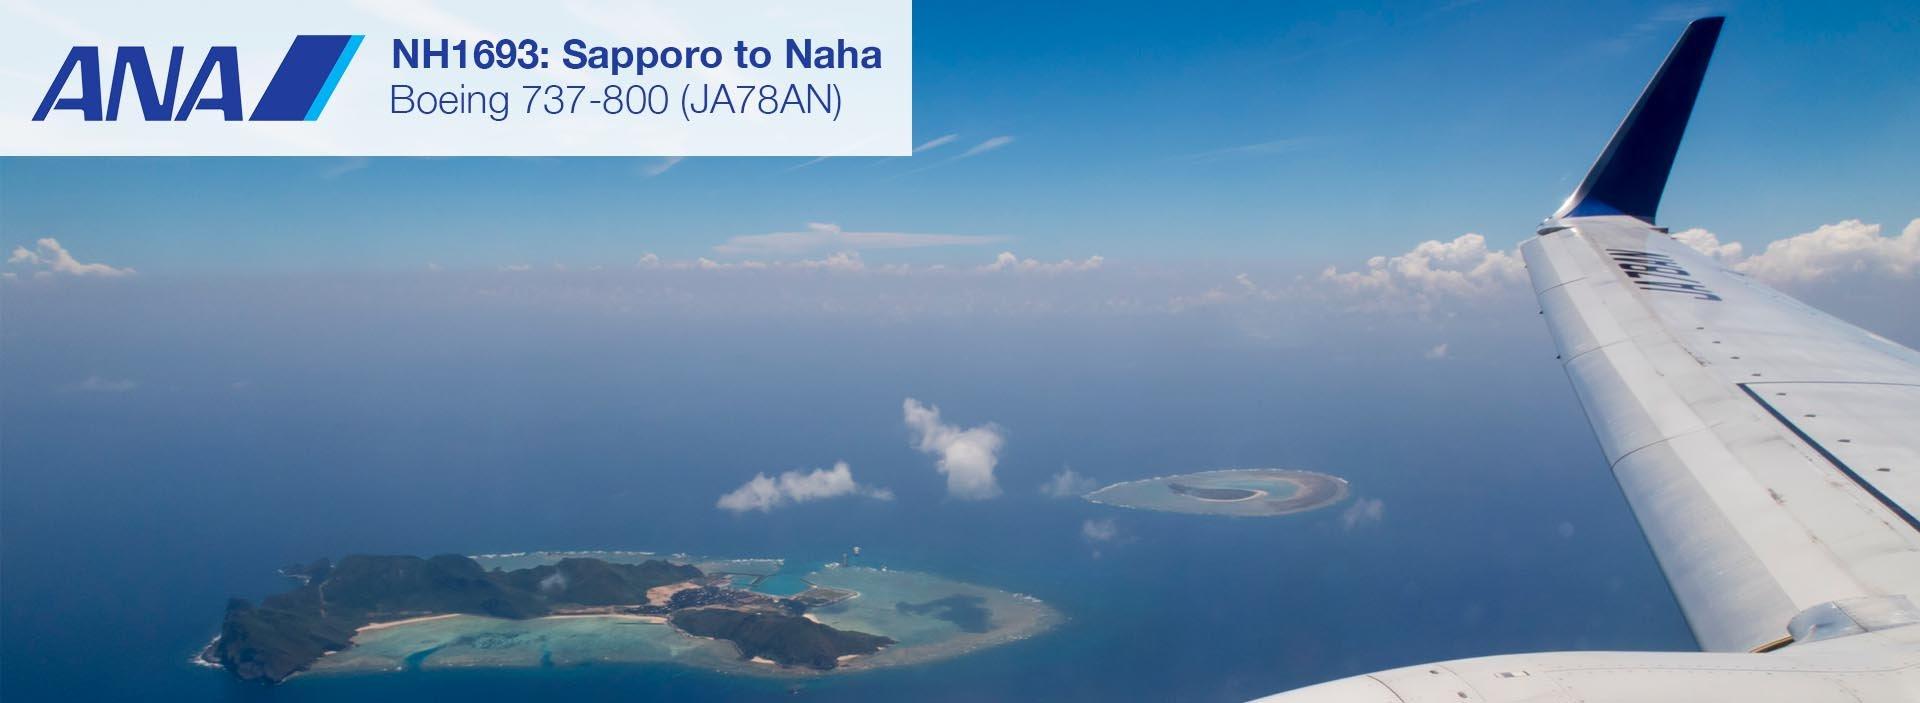 Flight Review: ANA 737-800 Economy Class from Sapporo to Naha Okinawa